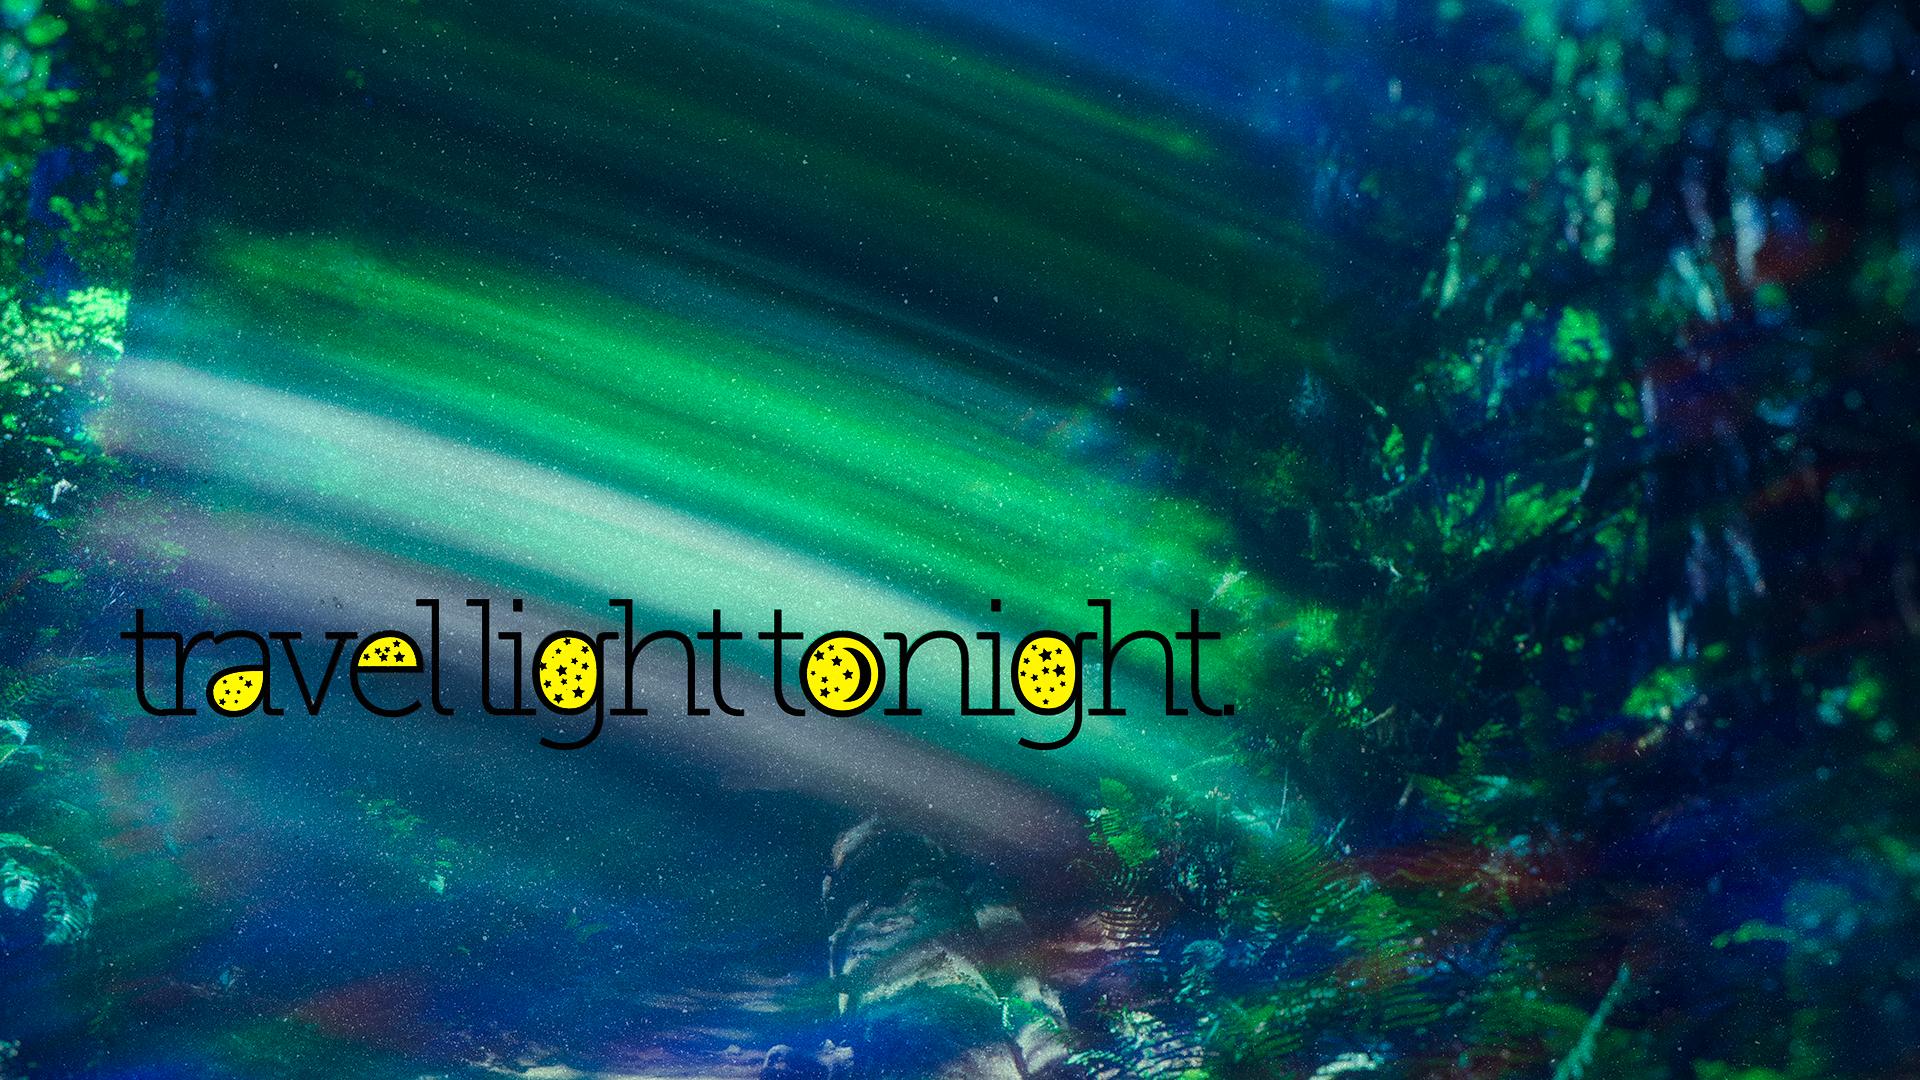 Travel Light Tonight